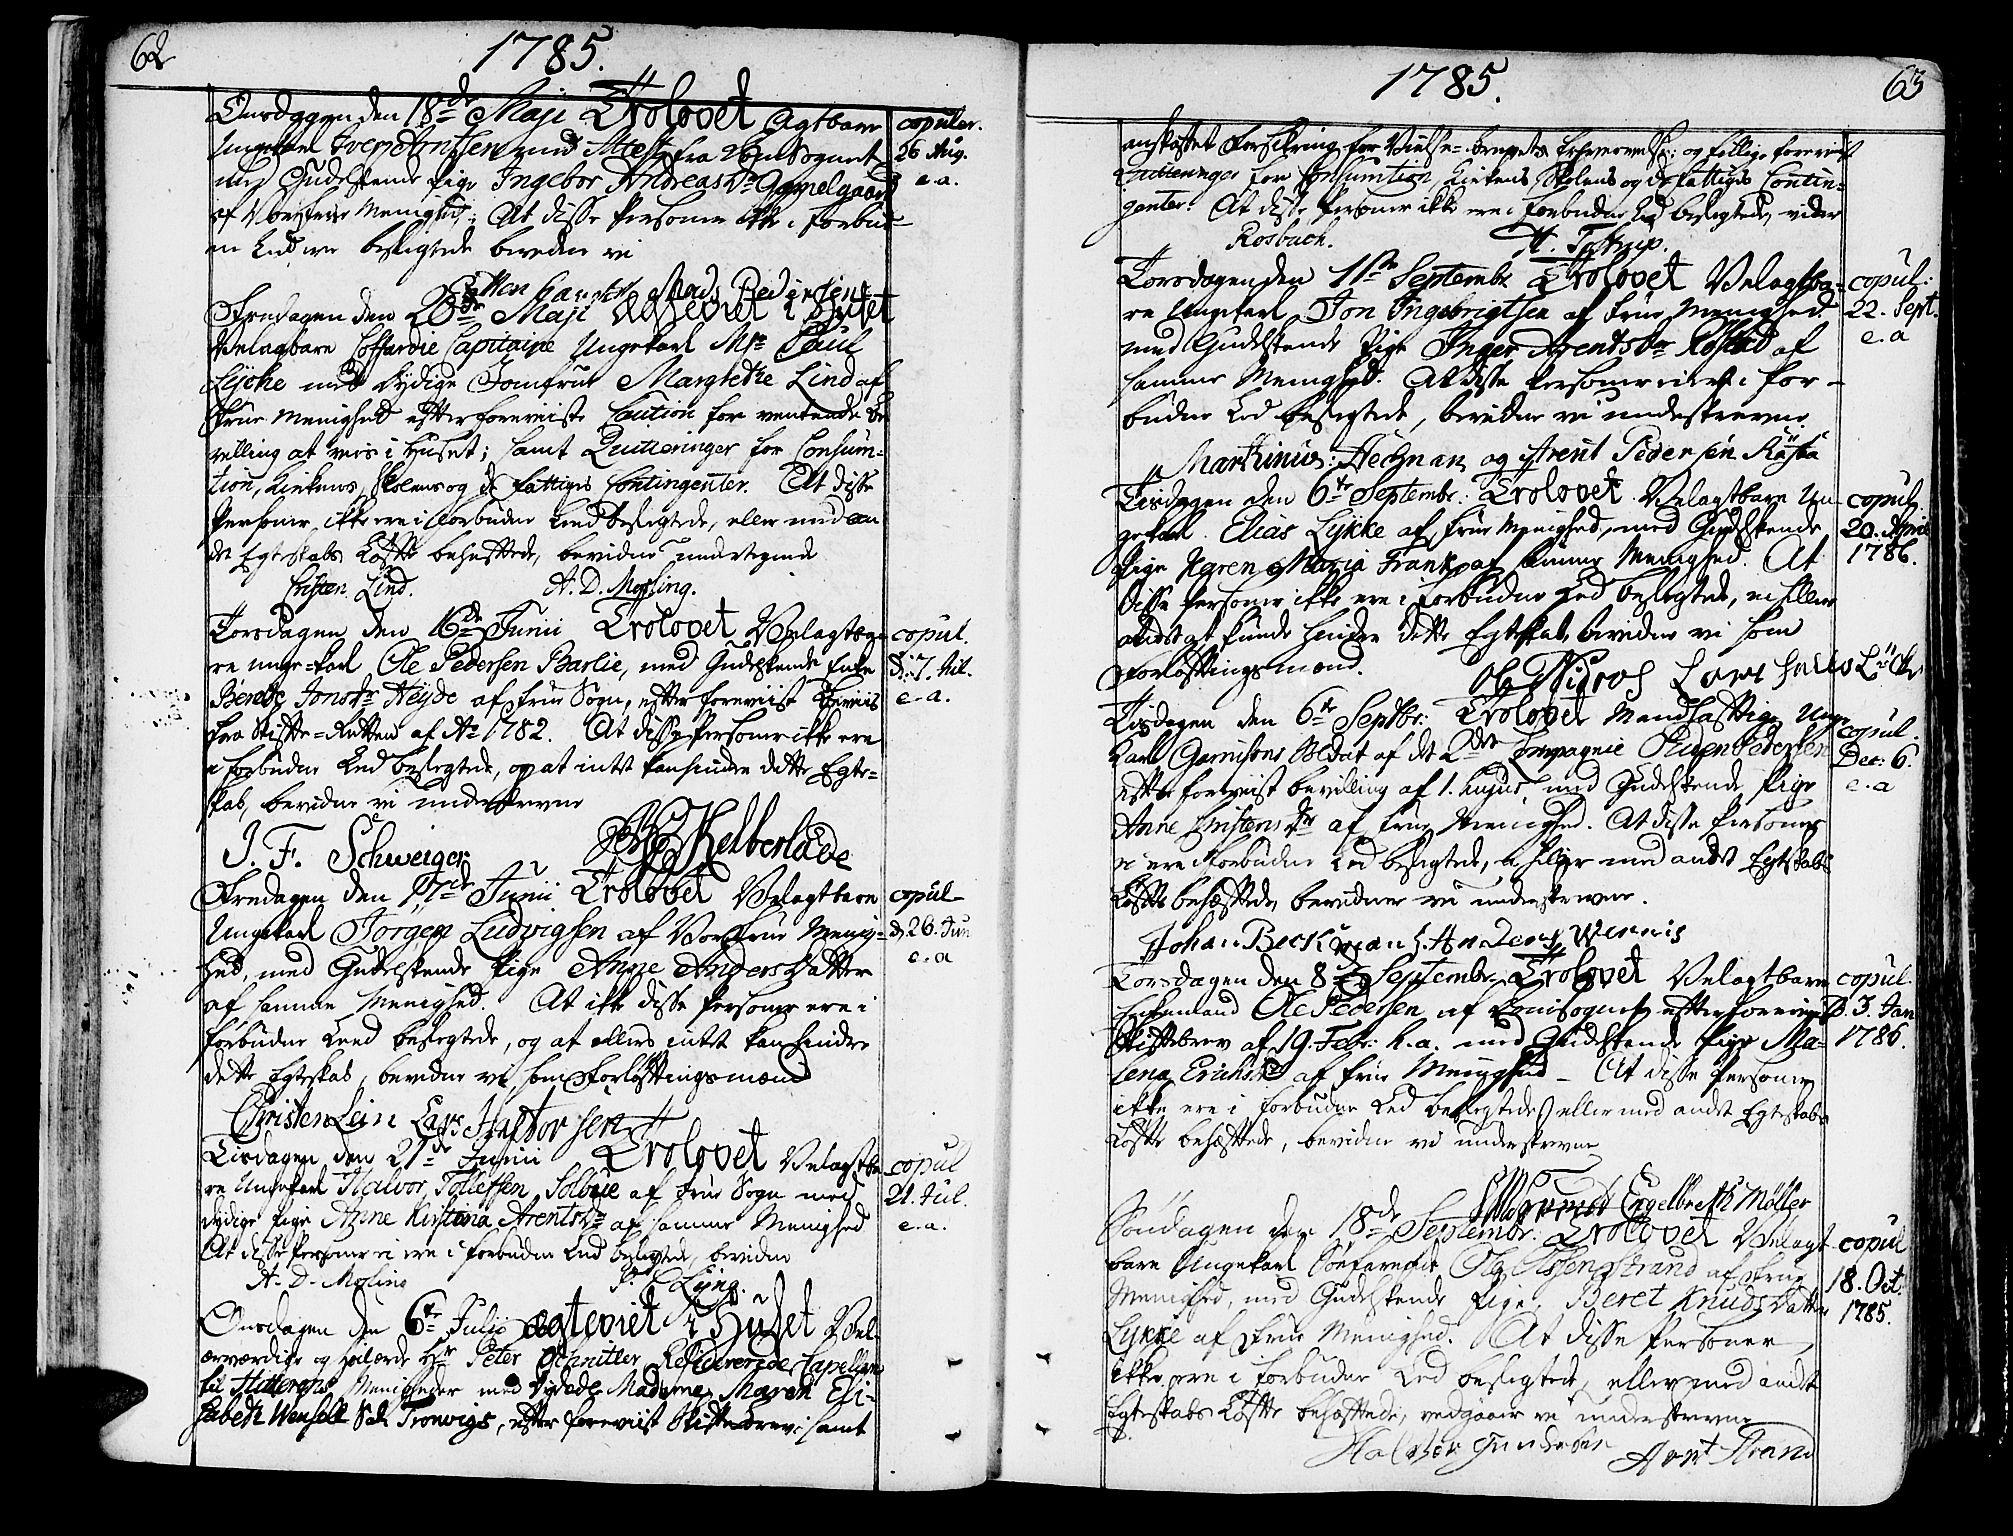 SAT, Ministerialprotokoller, klokkerbøker og fødselsregistre - Sør-Trøndelag, 602/L0105: Ministerialbok nr. 602A03, 1774-1814, s. 62-63